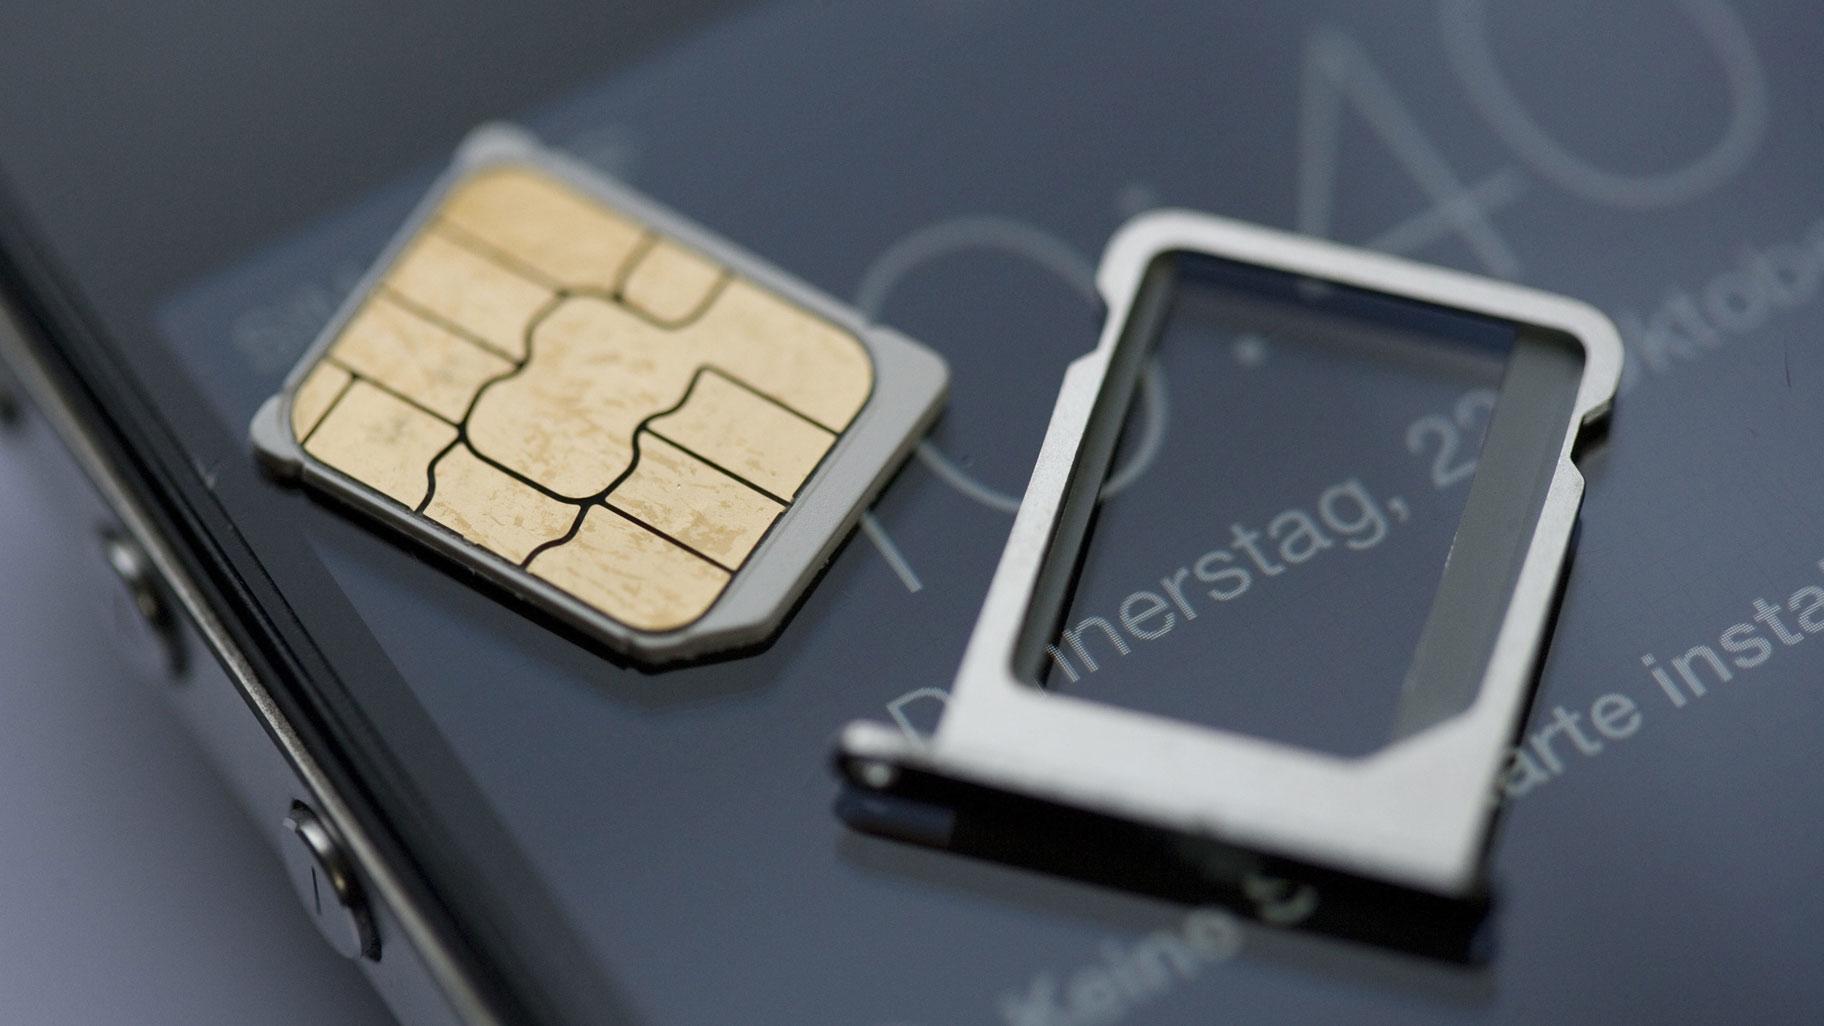 Iphone 6s Sim Karte Wechseln.Sim Karte Wechseln Und Tauschen Das Ist Zu Beachten